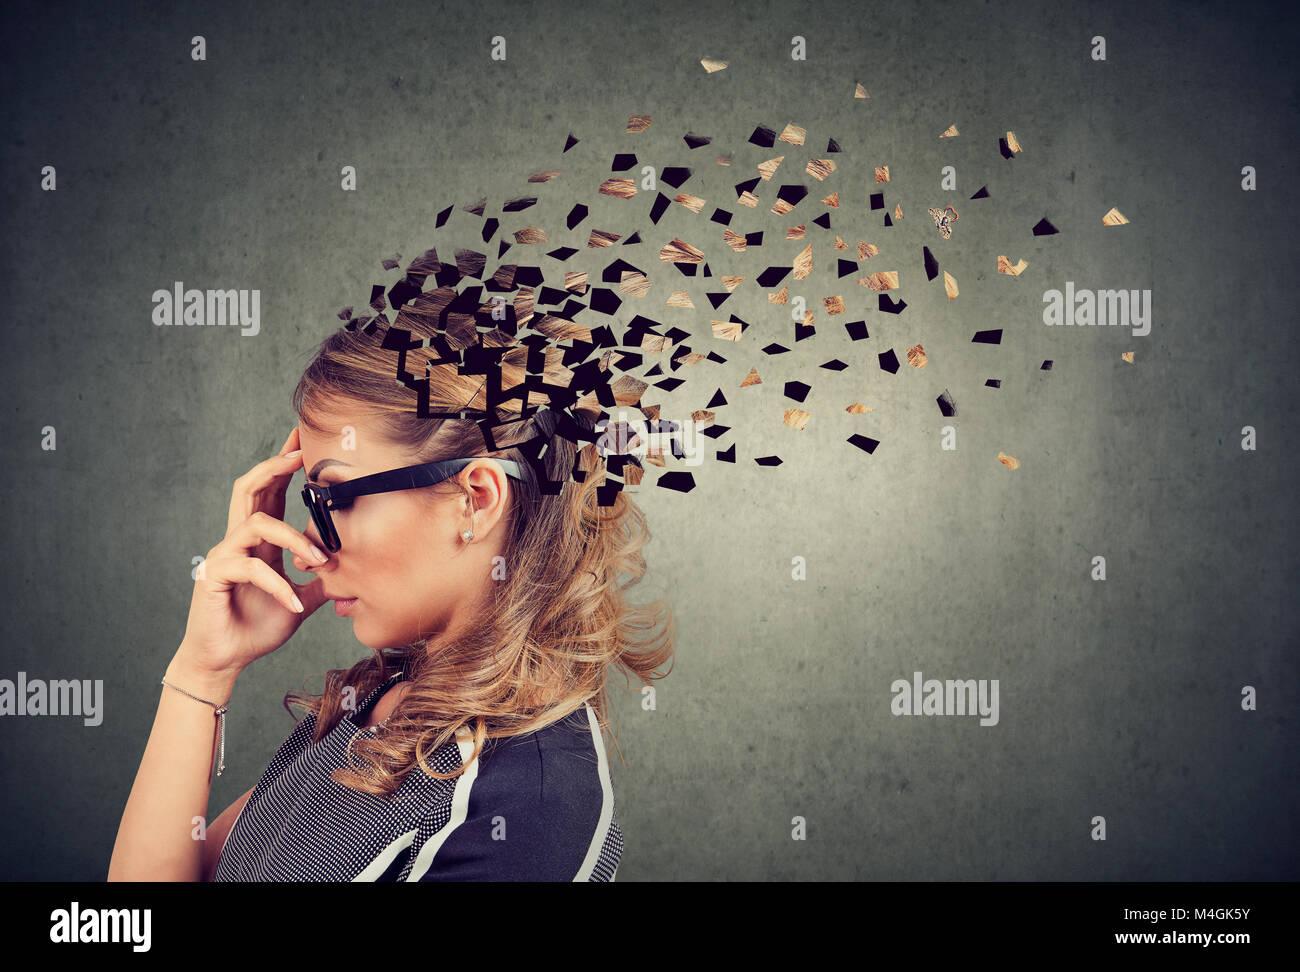 La pérdida de memoria debido a la demencia o daño cerebral. El perfil lateral de una mujer perdiendo partes Imagen De Stock